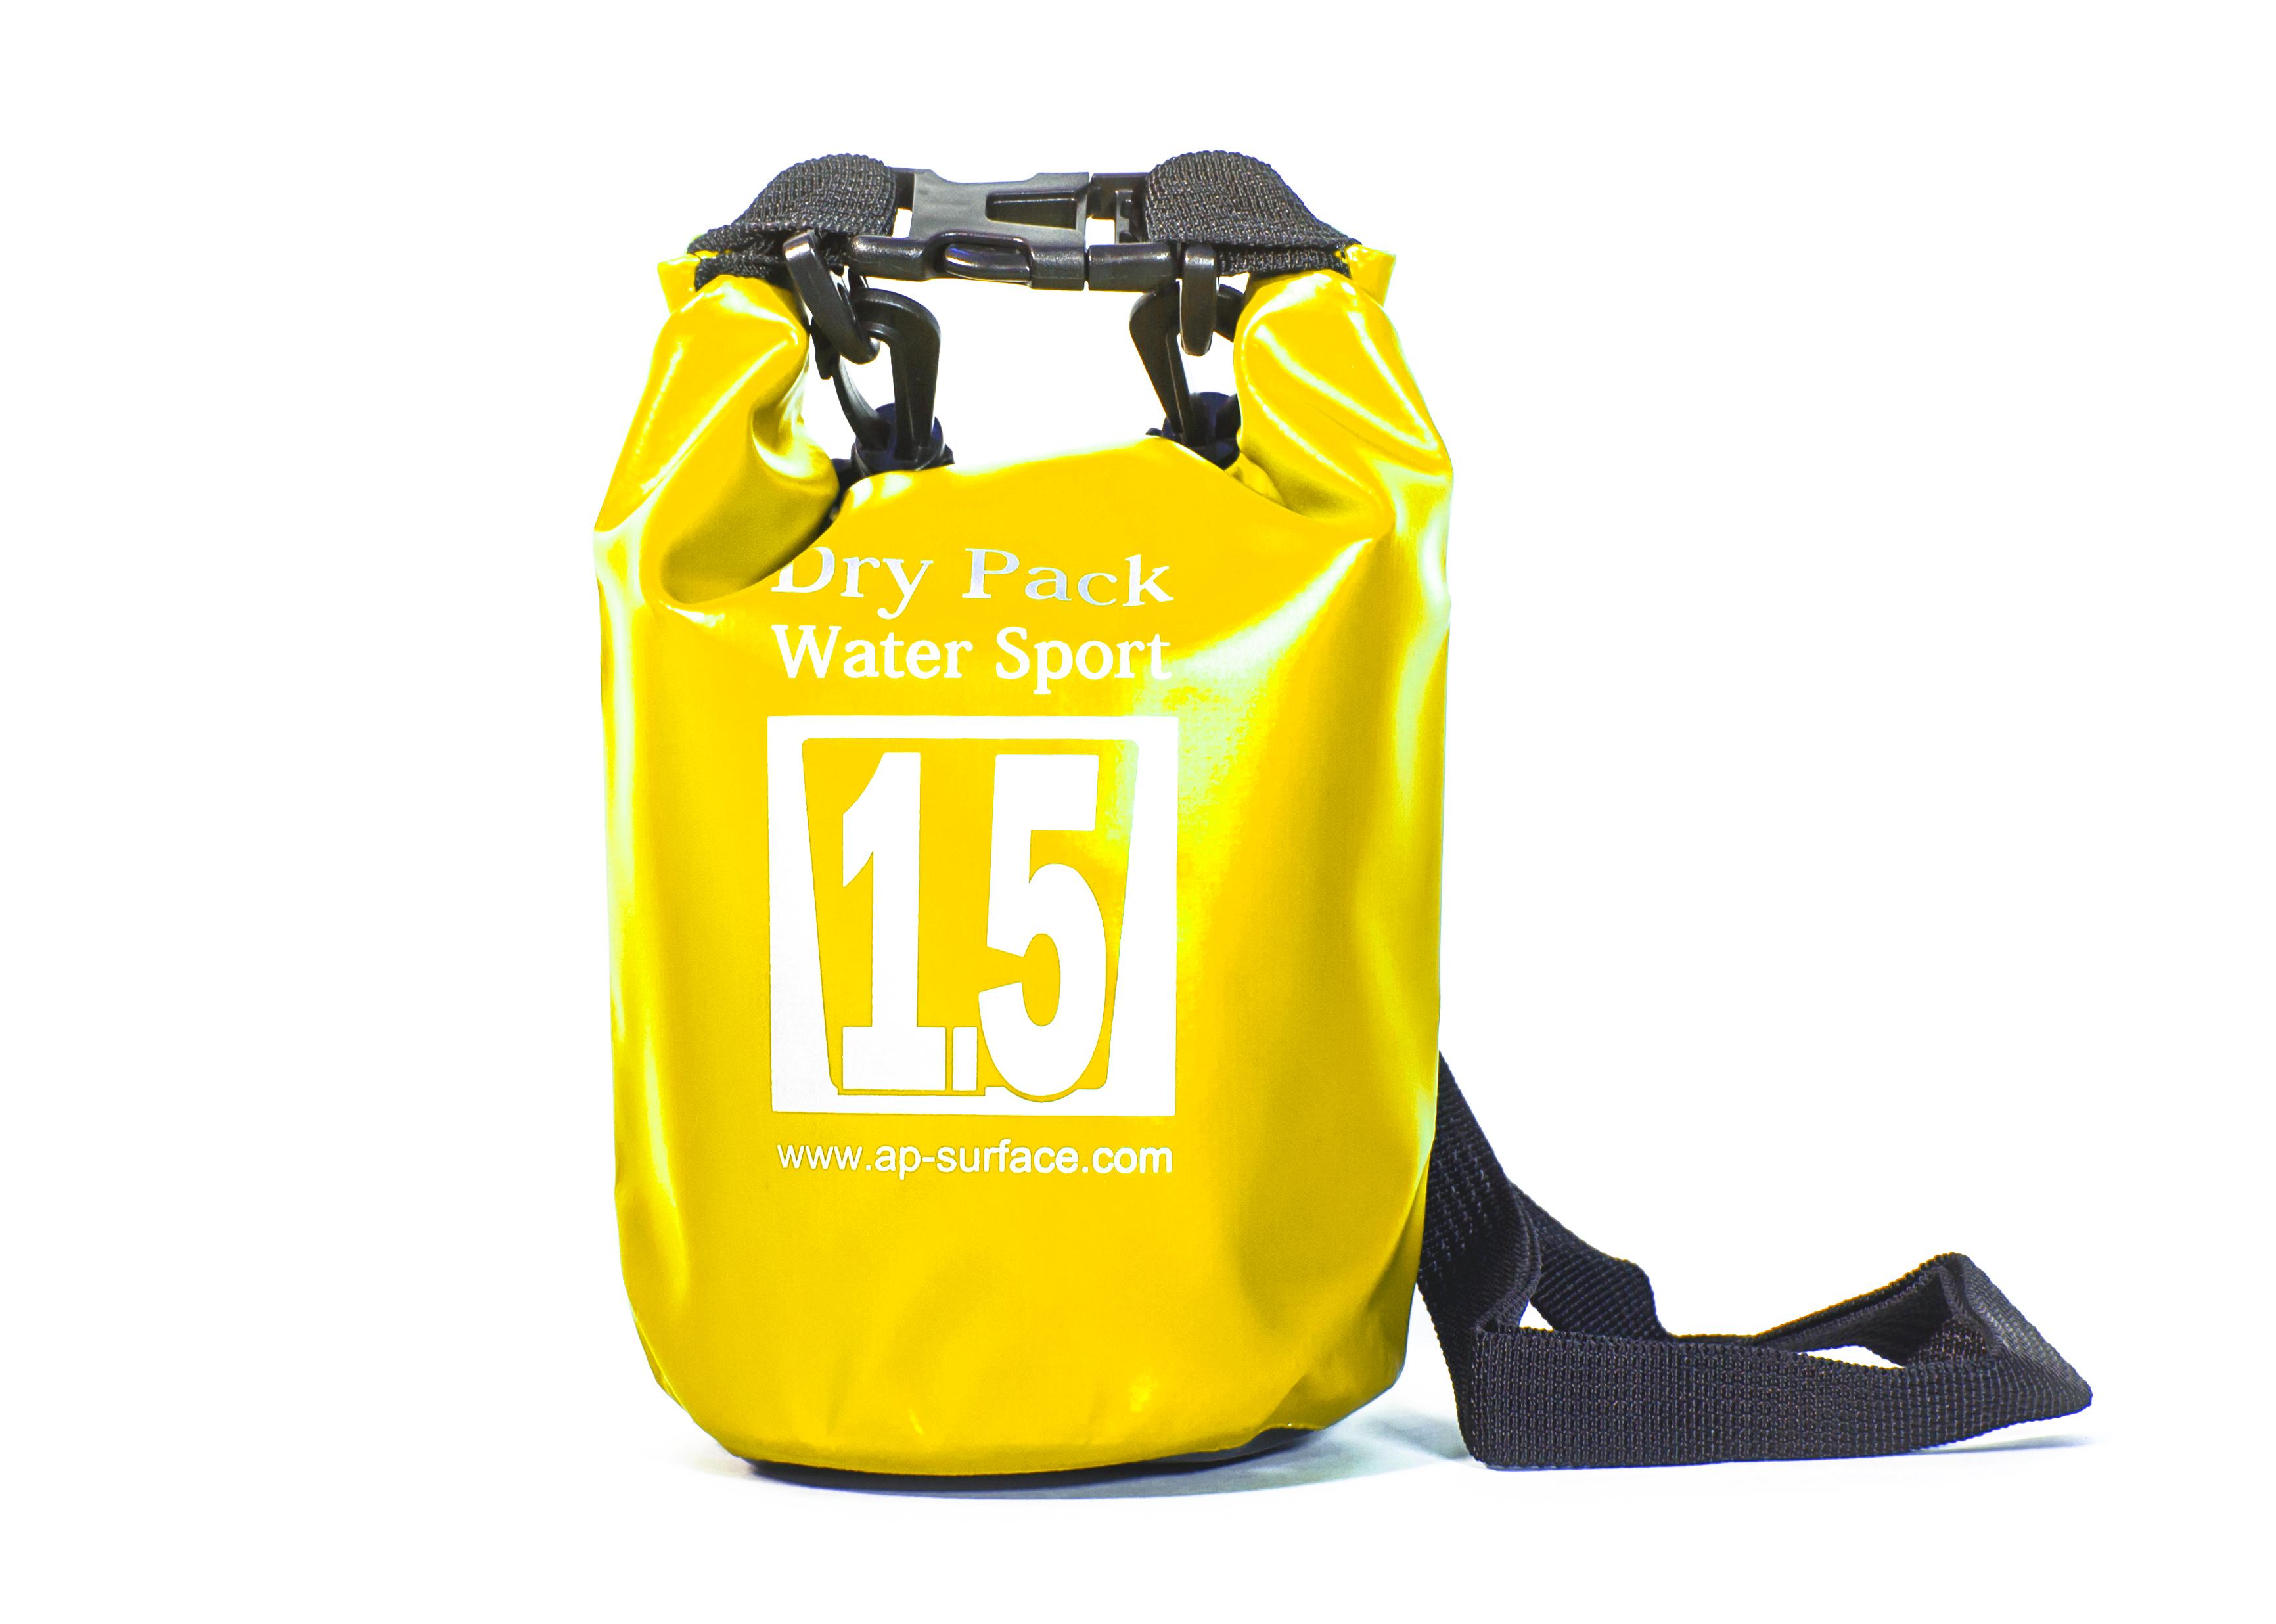 กระเป๋ากันน้ำ Dry Pack 1.5L - สีเหลือง